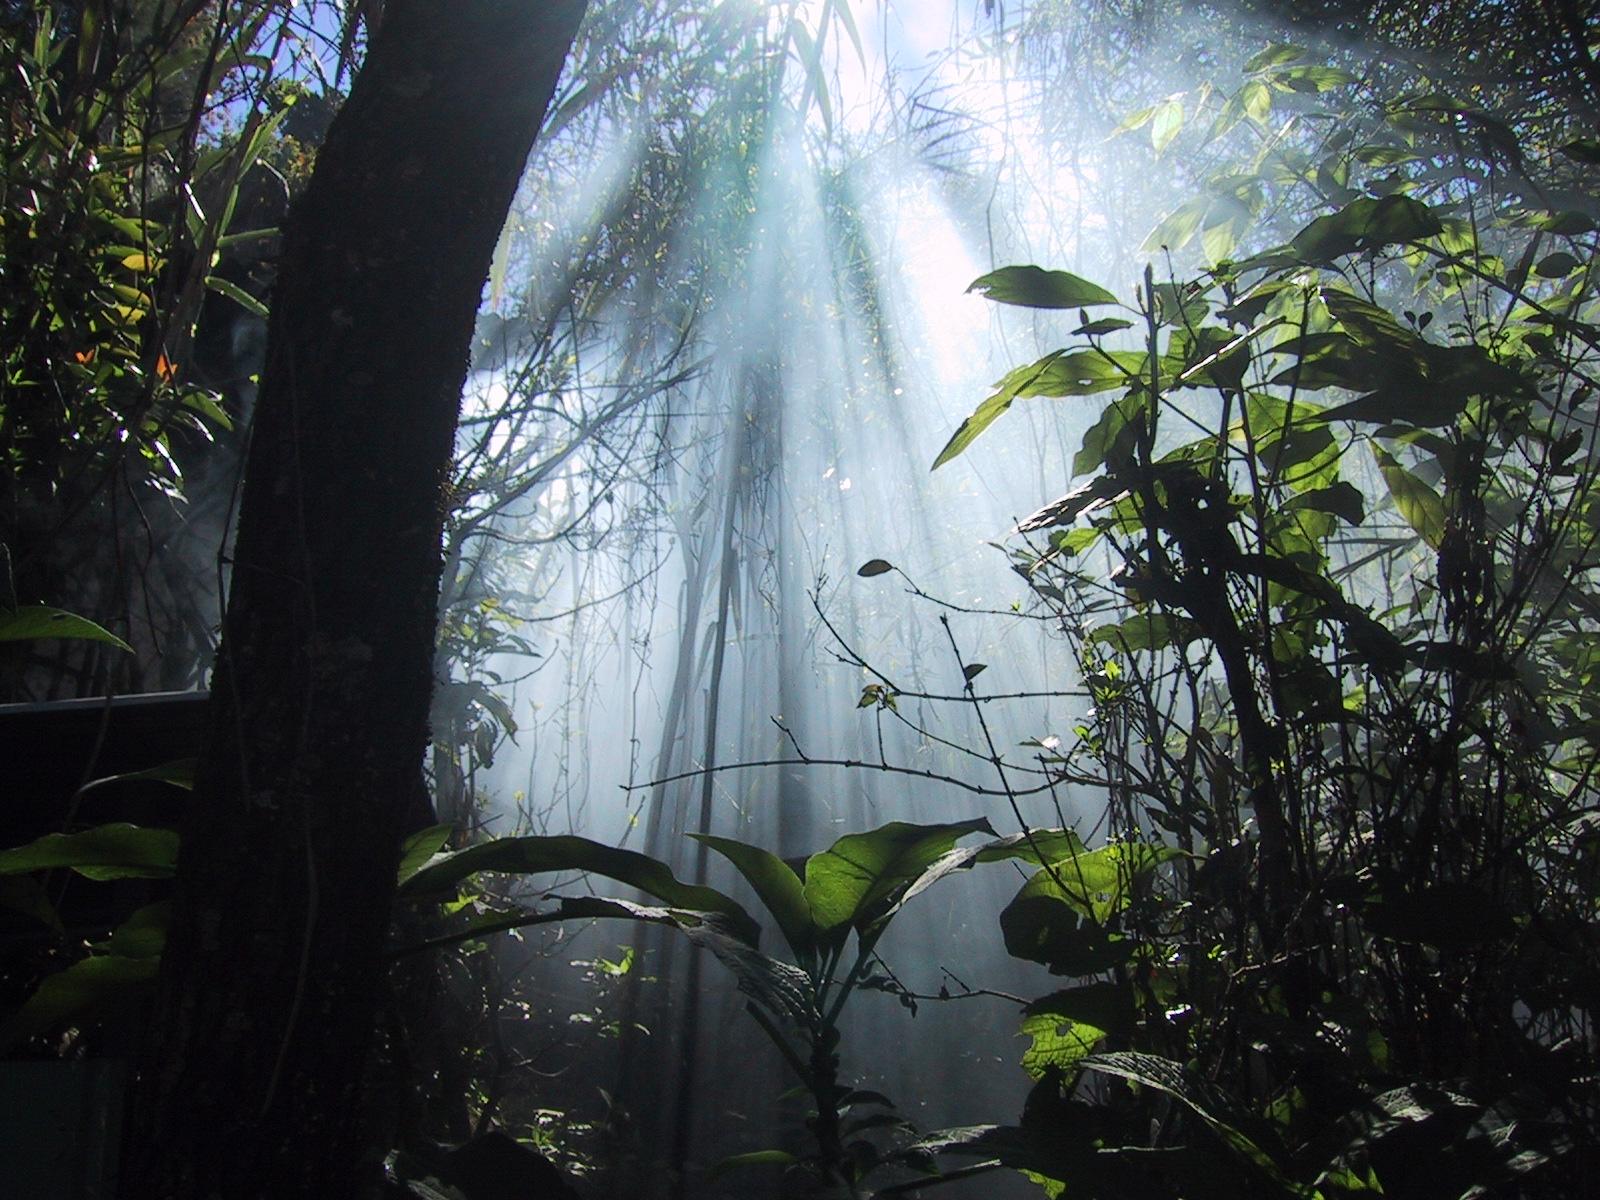 http://3.bp.blogspot.com/-QqHpazLQR28/TsLE6YY-ggI/AAAAAAAACsc/E24b2lw-tQ4/s1600/backgrounds-high-resolution-1280x1024-wallpaper-hd-dense-jungle.jpg